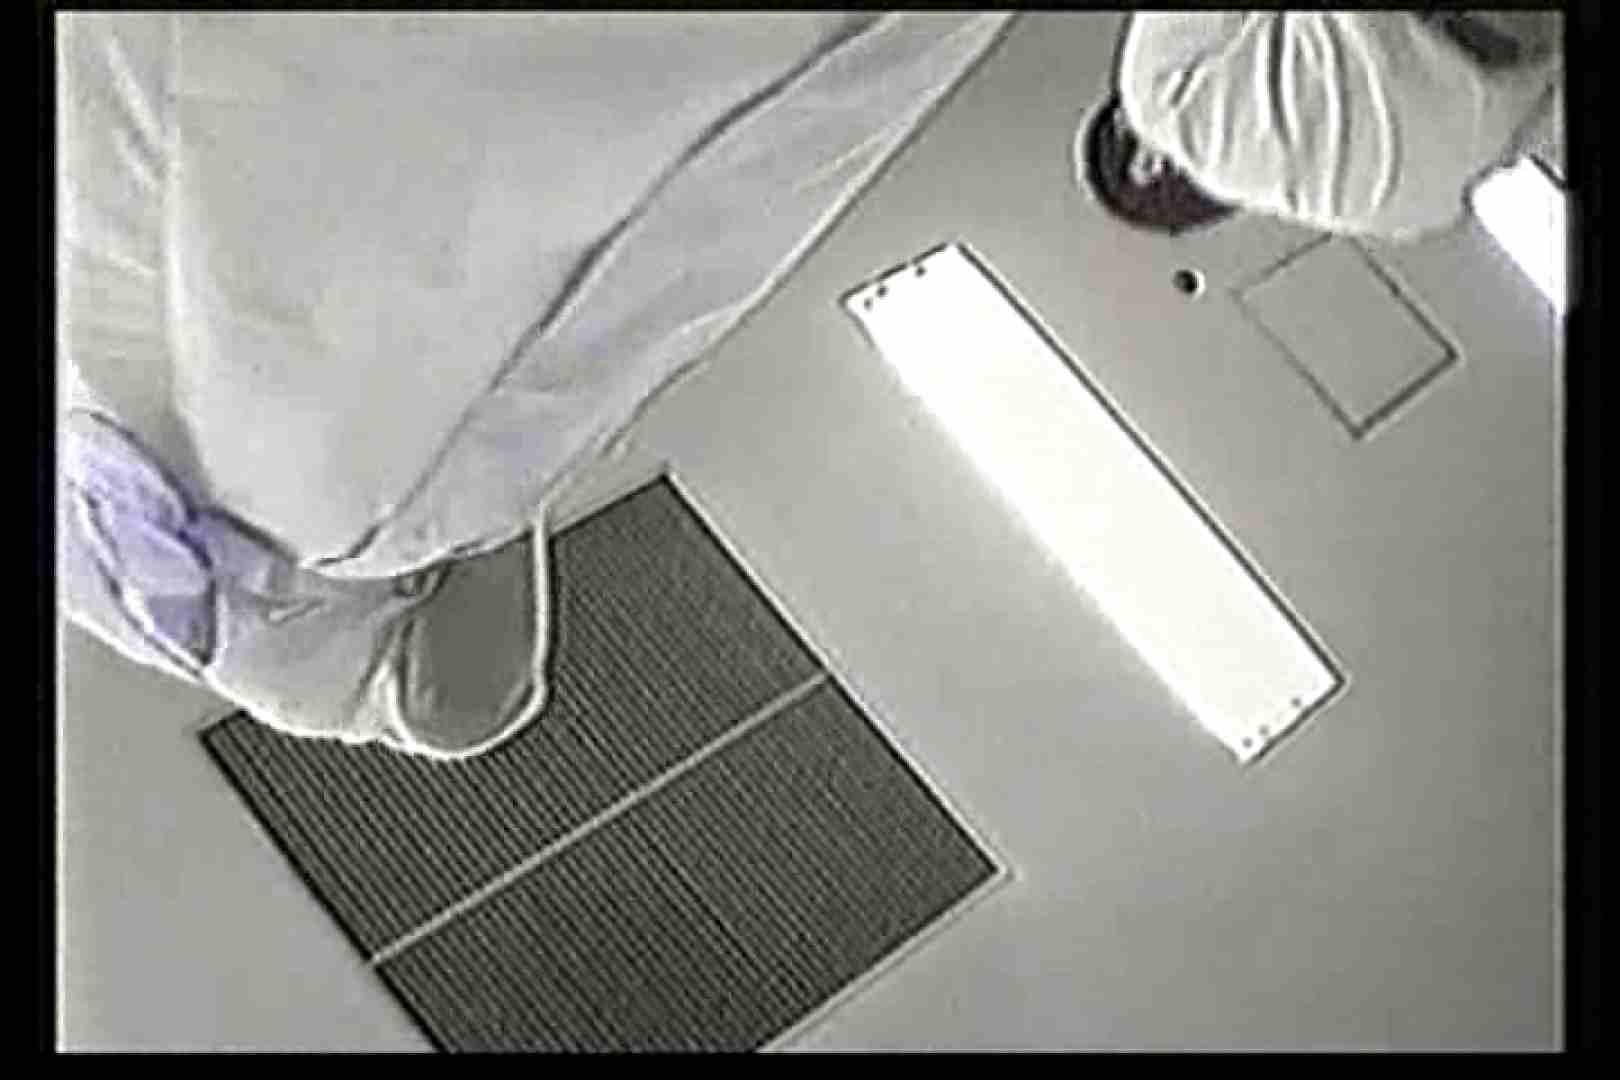 院内密着!看護婦達の下半身事情Vol.2 盗撮特集 のぞき動画キャプチャ 79画像 57